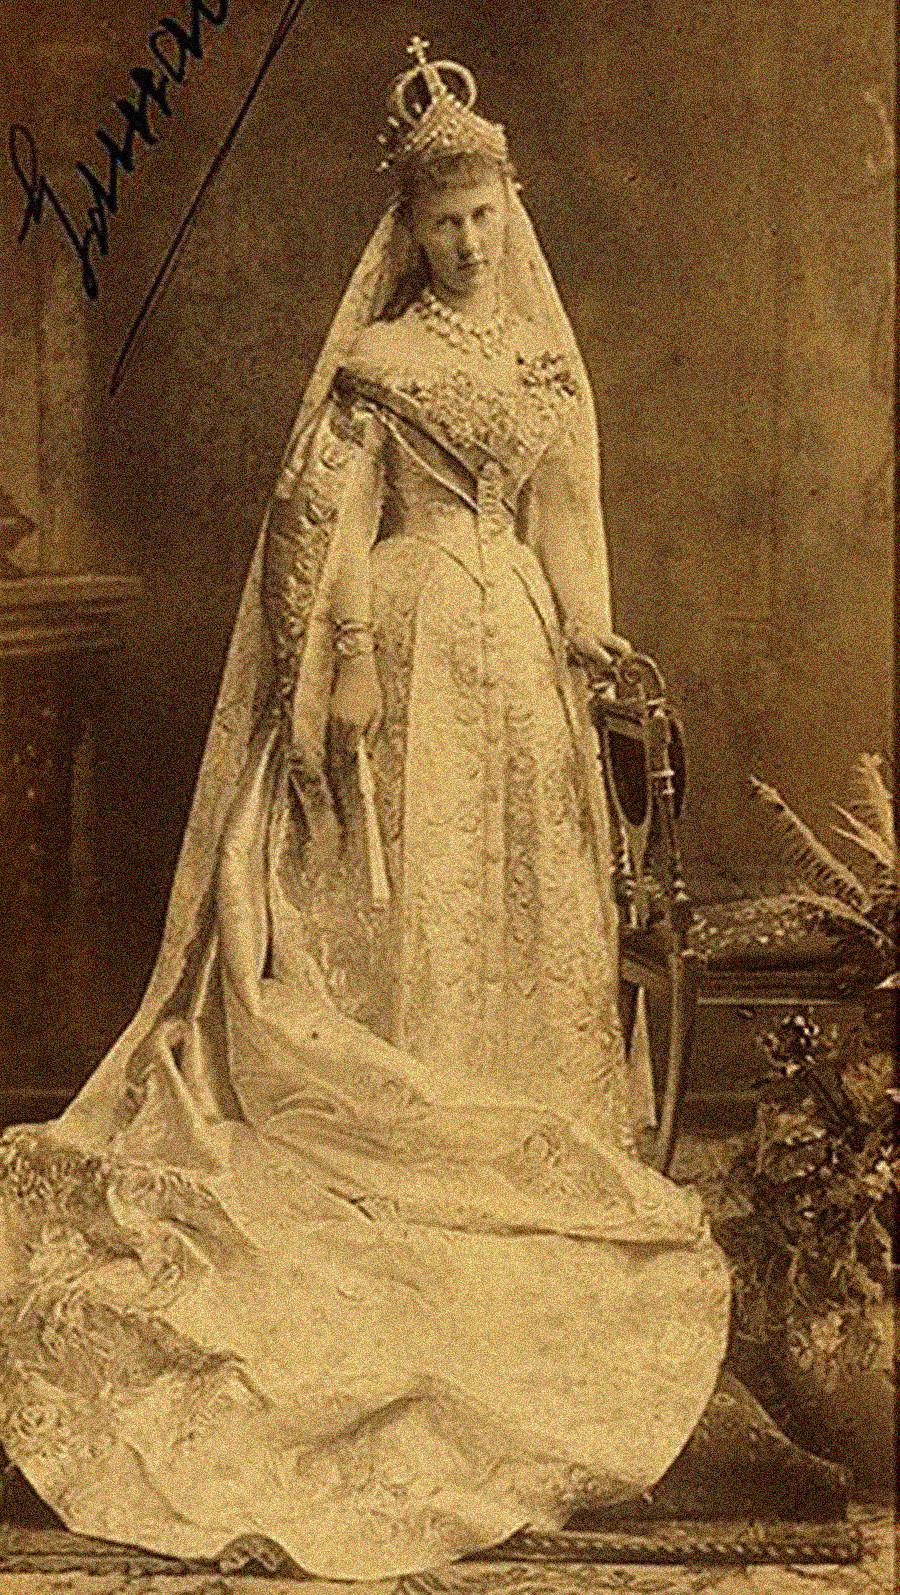 Великая Княгиня Елизавета Маврикиевна в подвенечном платье, в русской свадебной короне и русской свадебной тиаре. 27 апреля 1884 года